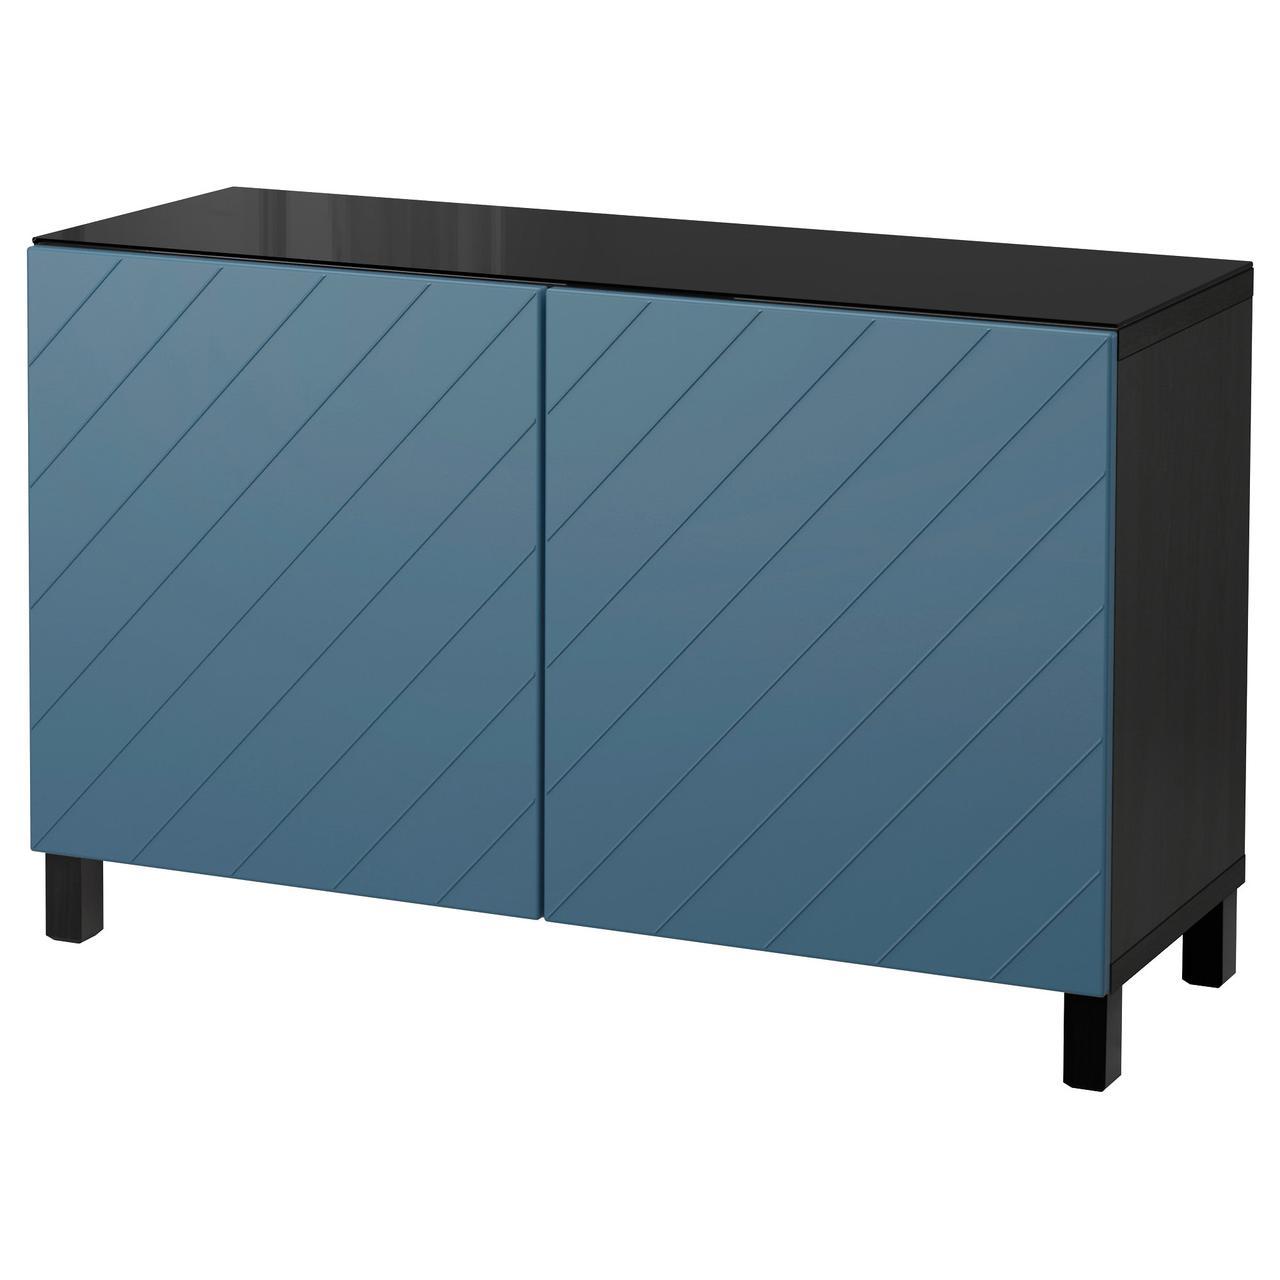 Тумба IKEA BESTÅ 120x40x74 см Hallstavik темно-синяя темно-коричневая 792.101.04